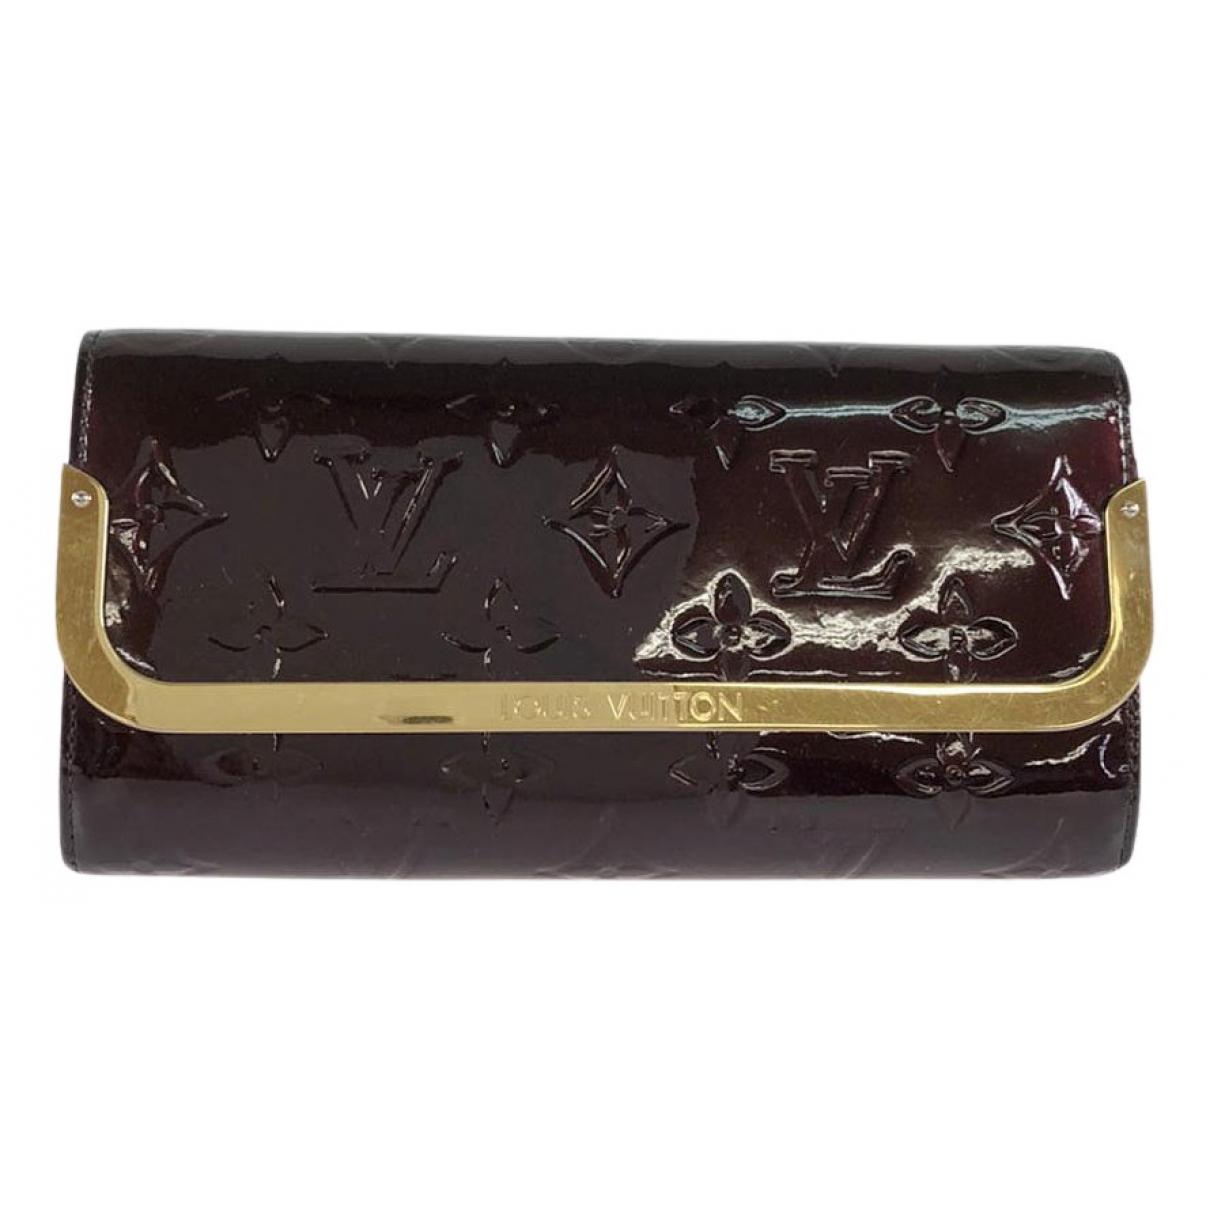 Louis Vuitton - Portefeuille   pour femme en cuir verni - bordeaux